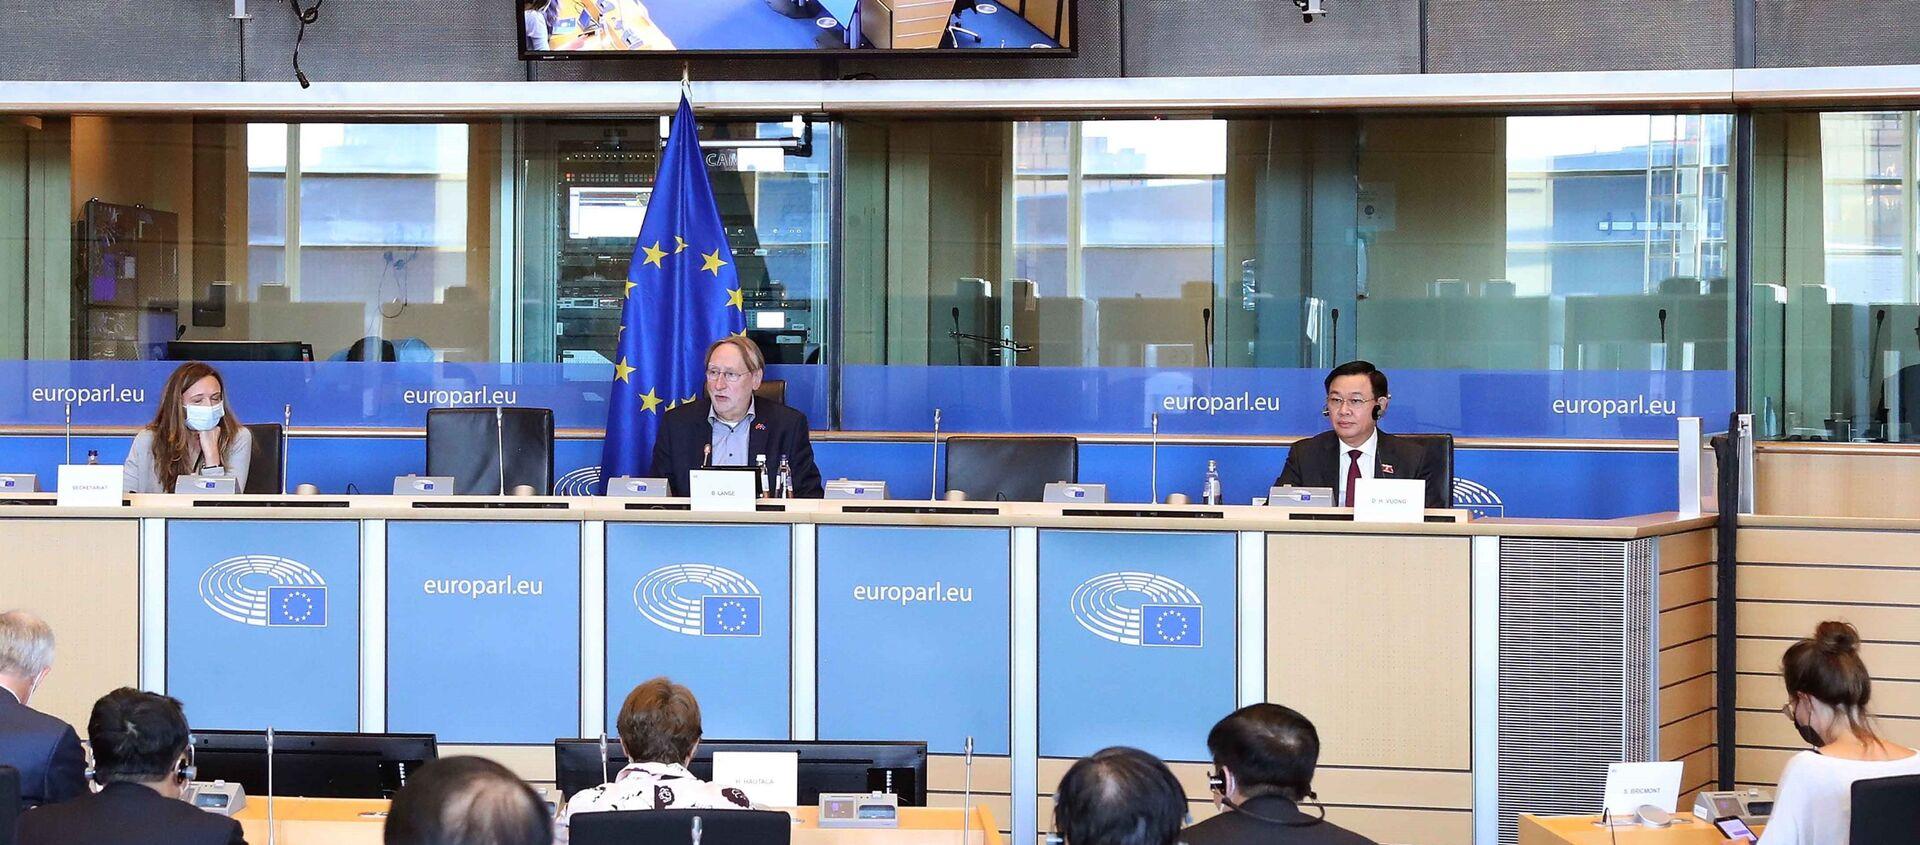 Chủ tịch Quốc hội Vương Đình Huệ làm việc với Chủ tịch Ủy ban Thương mại quốc tế Nghị viện châu Âu - Sputnik Việt Nam, 1920, 09.09.2021